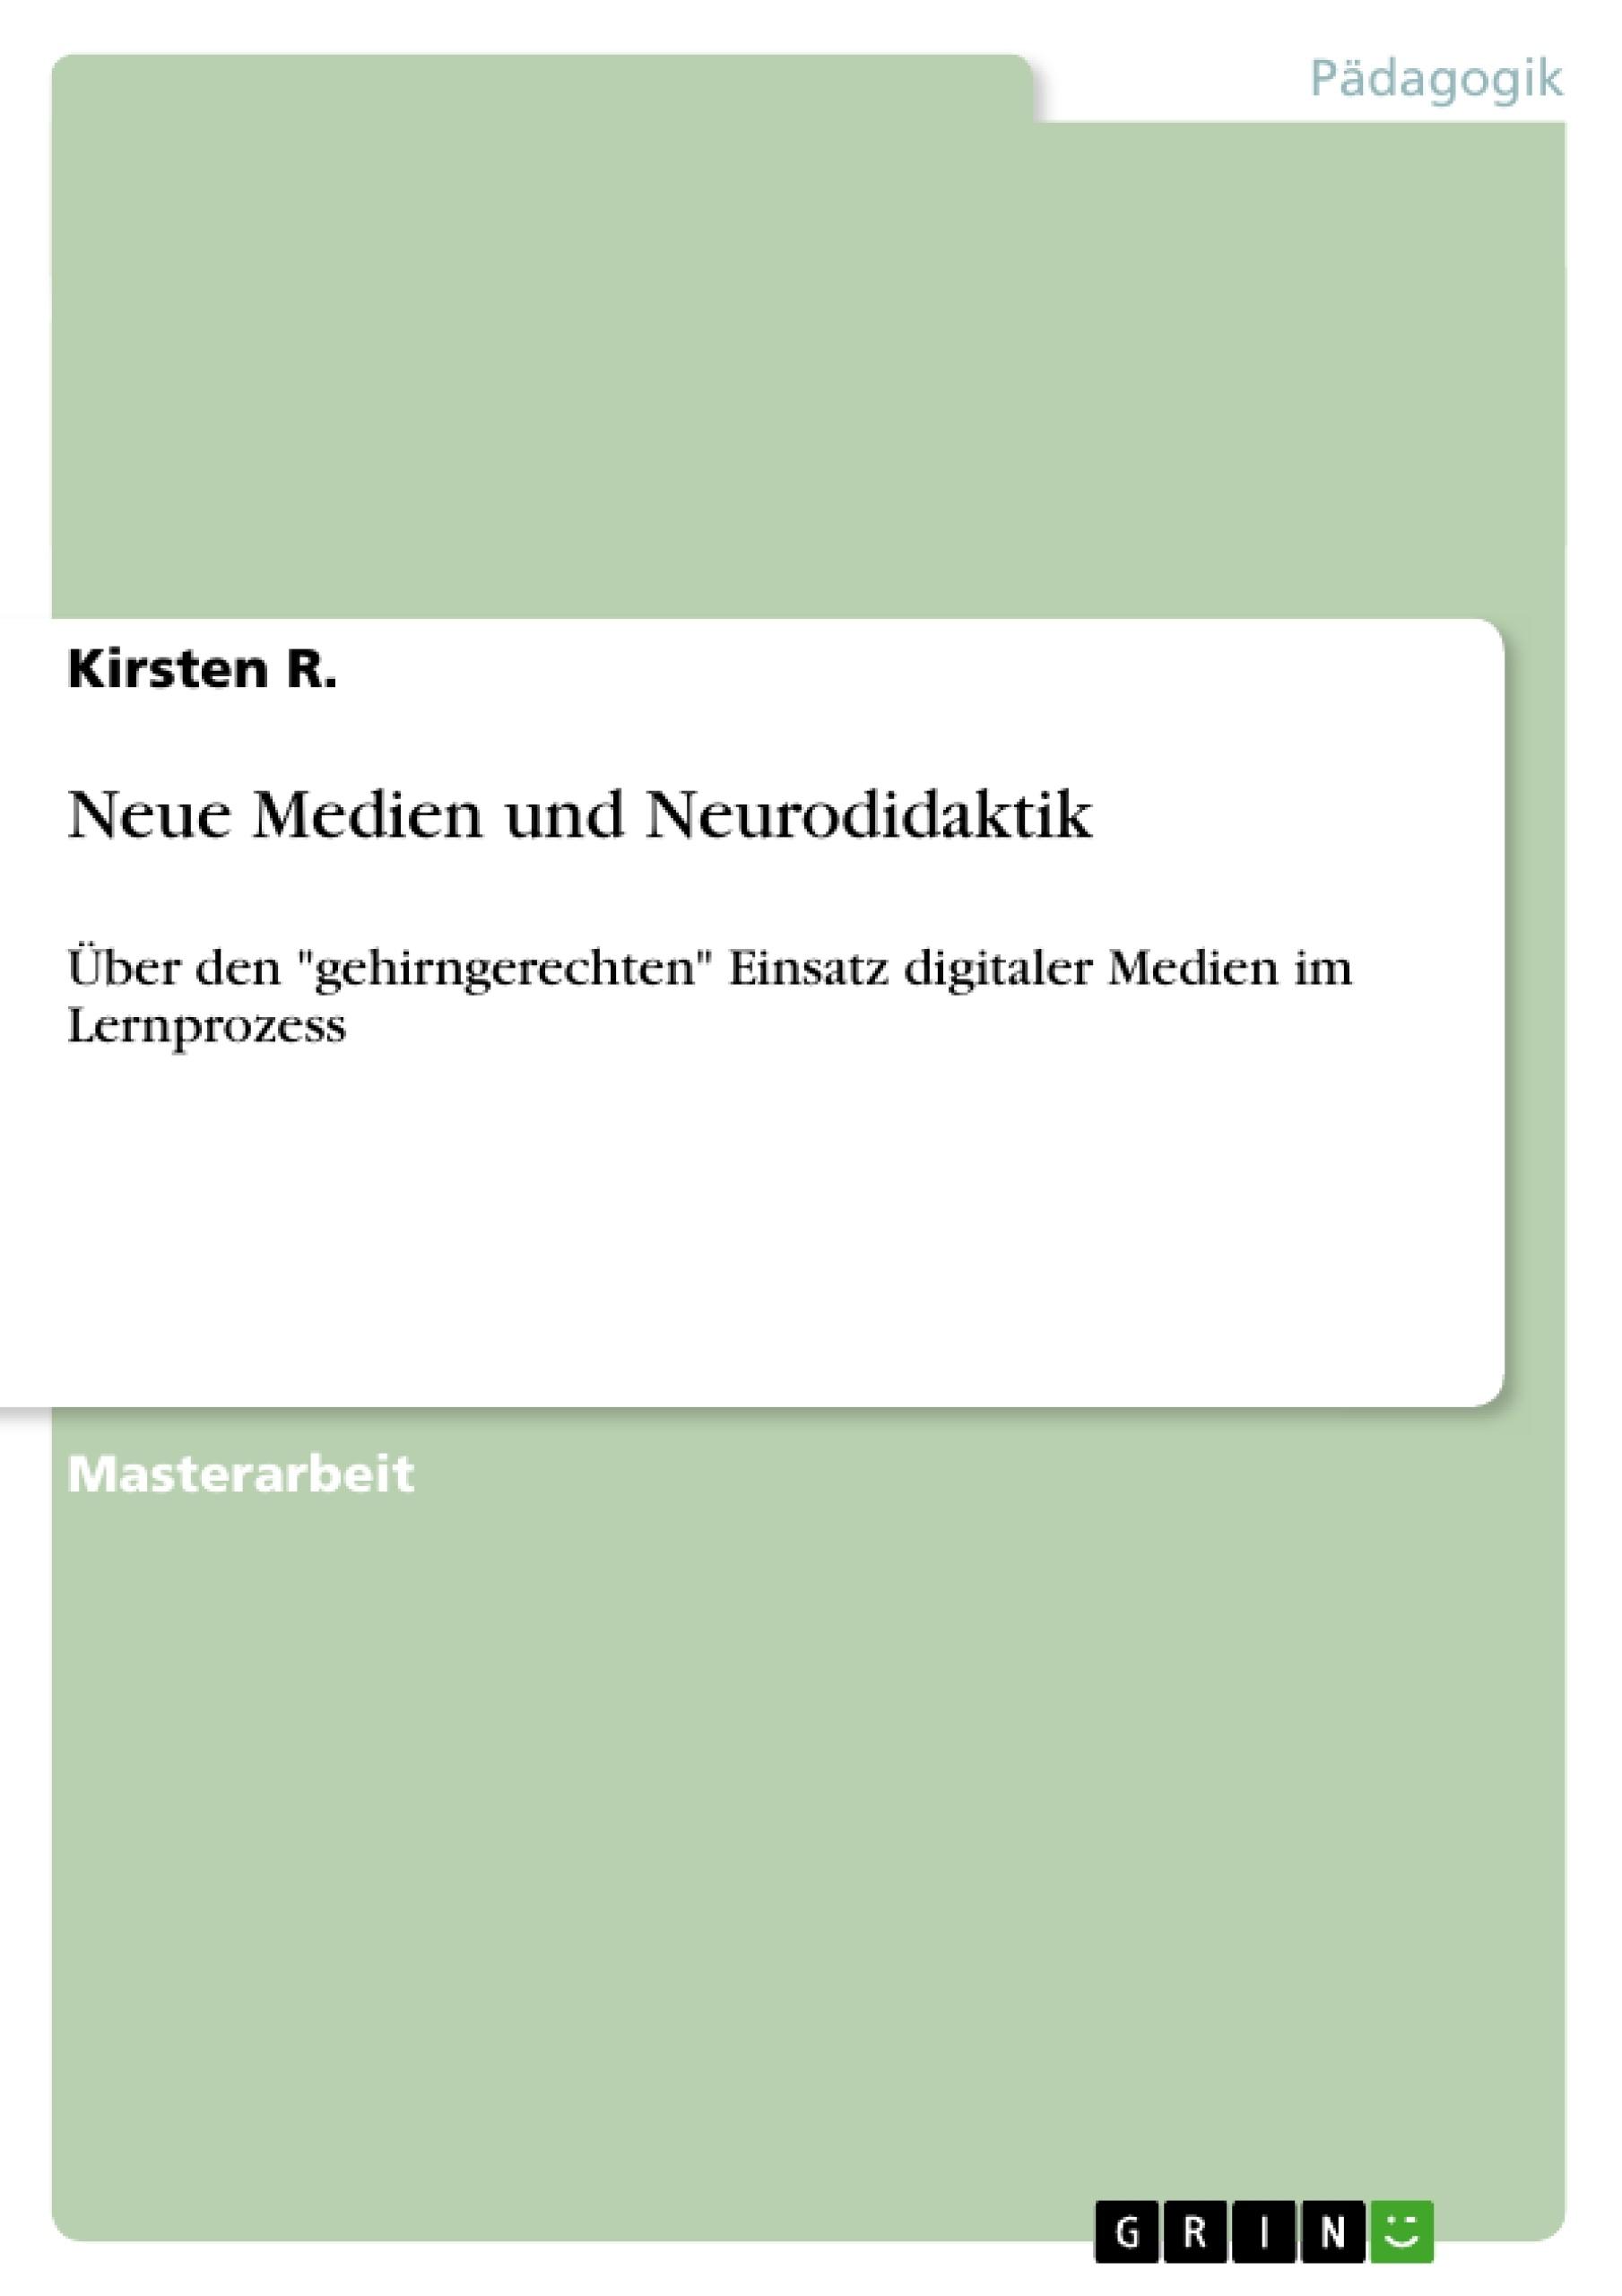 Titel: Neue Medien und Neurodidaktik